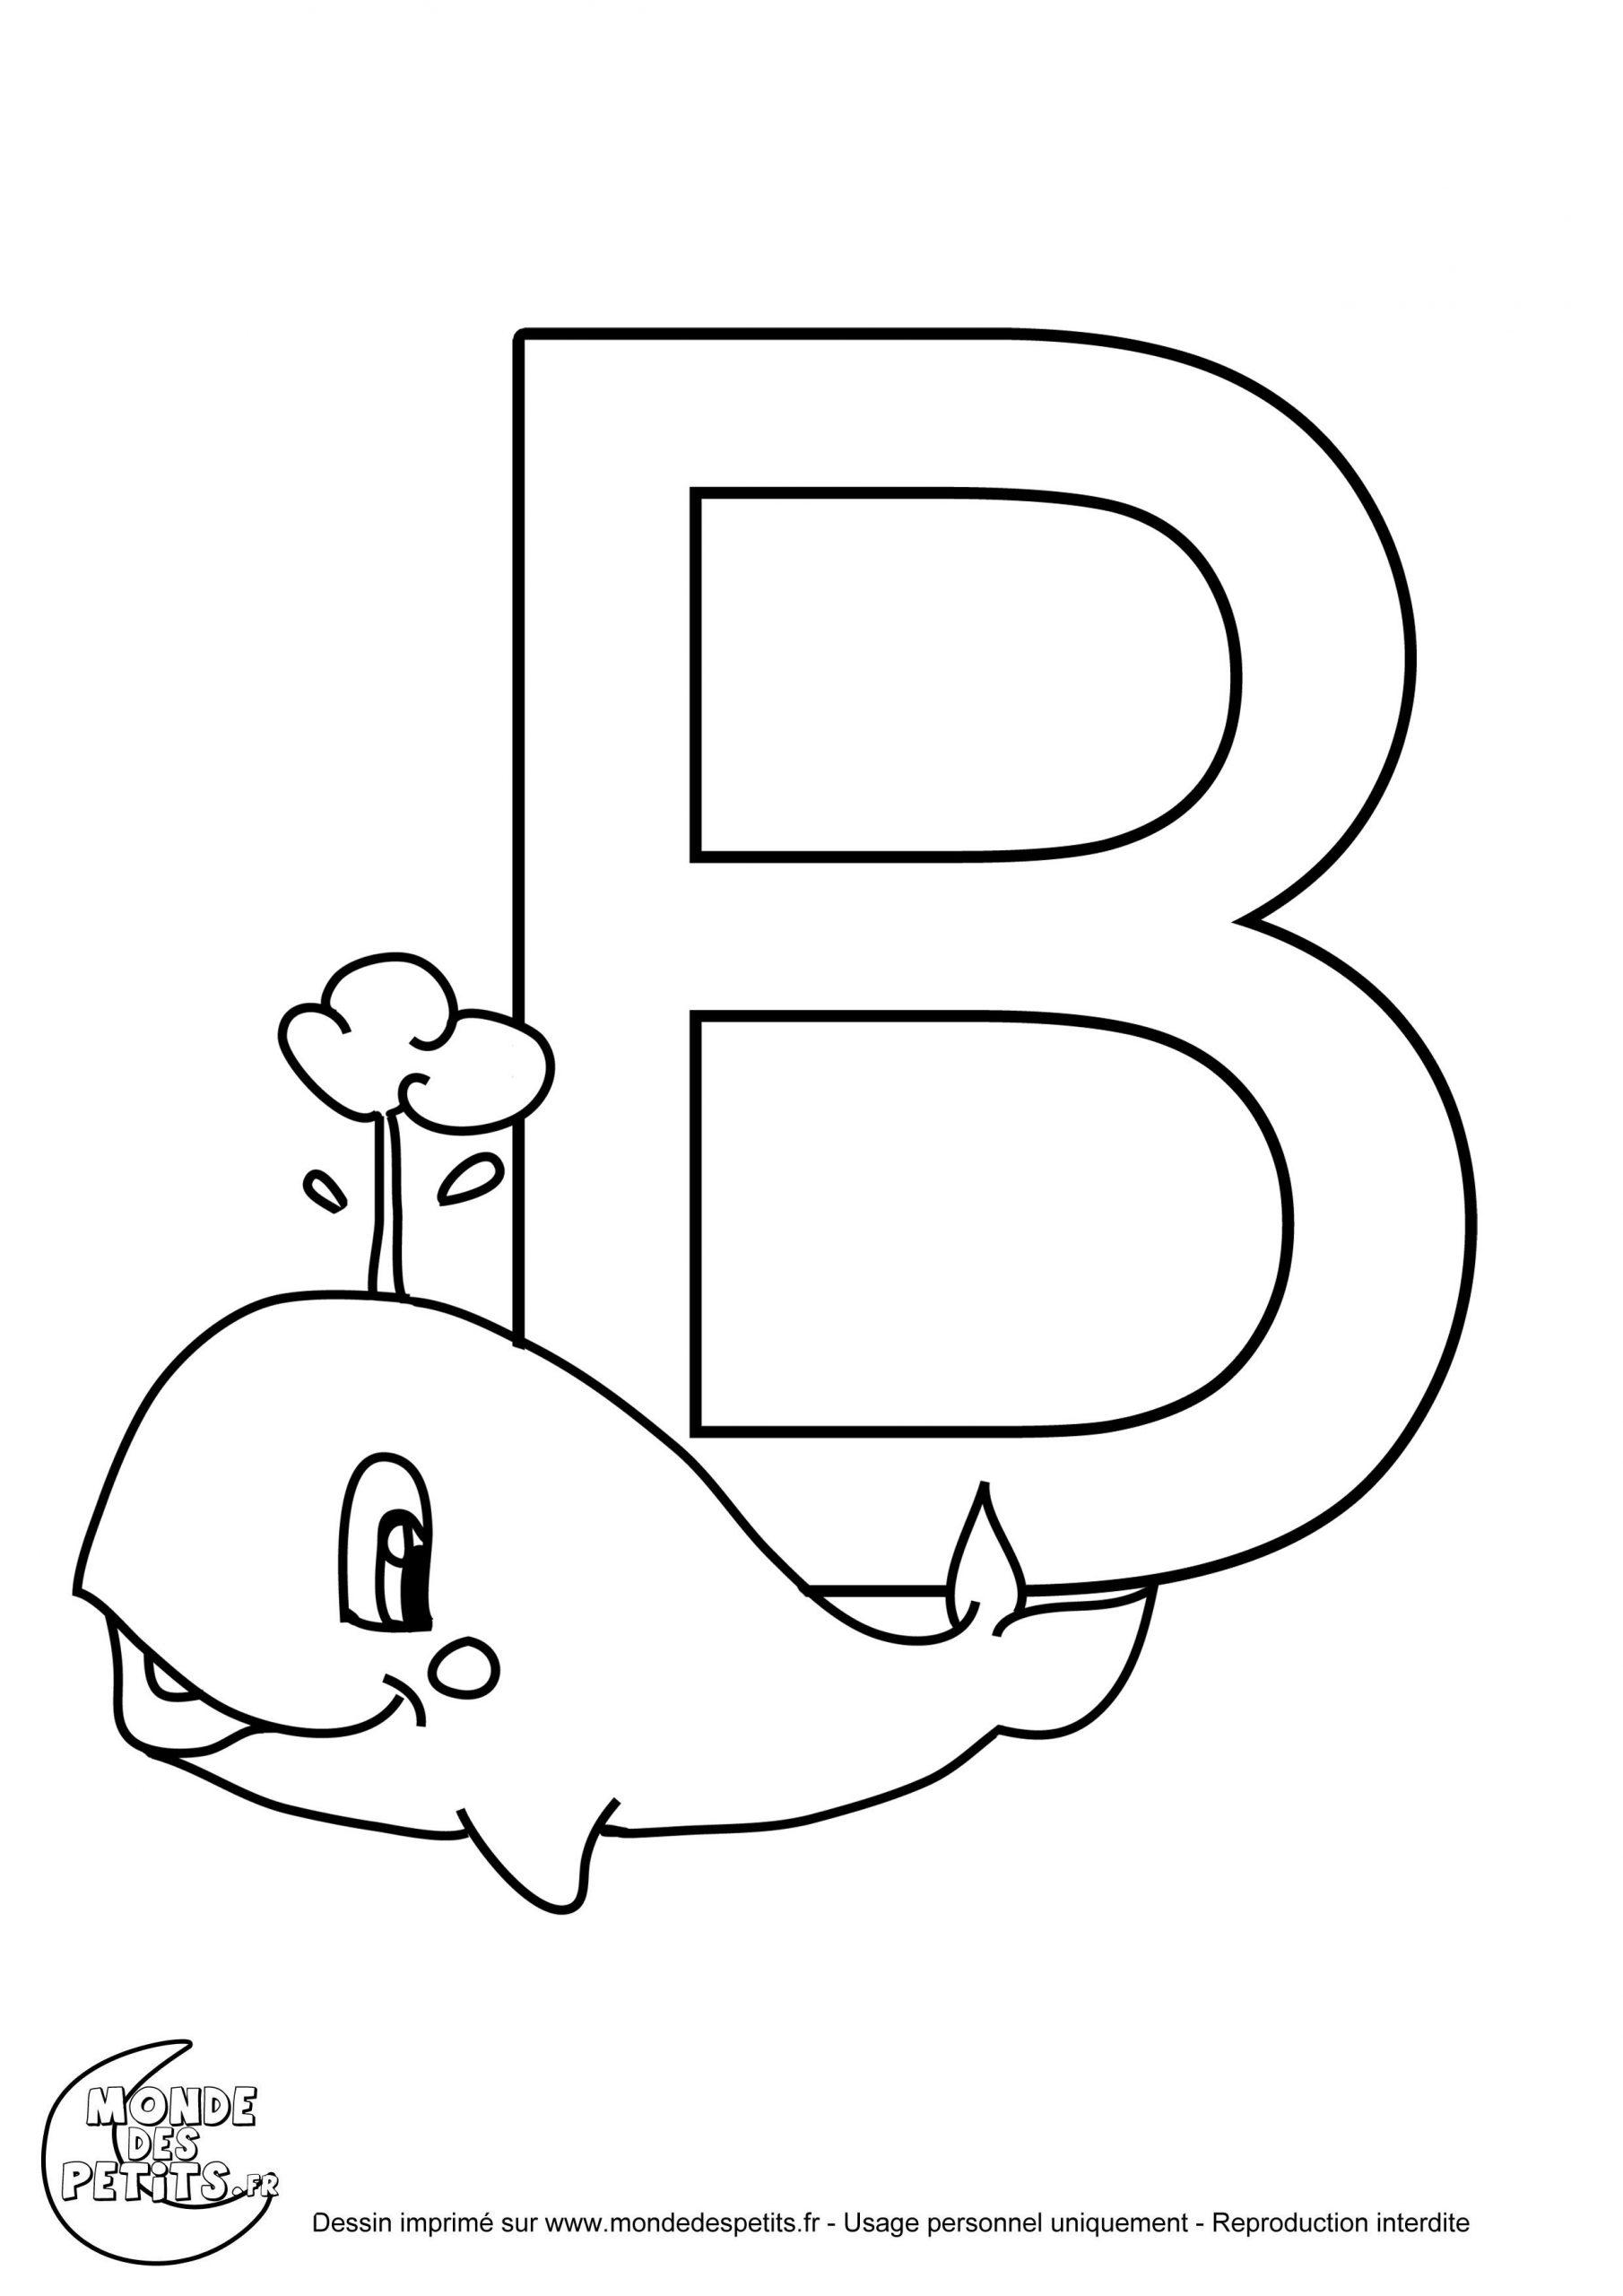 .mondedestitounis.fr Images Coloriage-Alphabet-Lettre-B à Coloriage D Alphabet